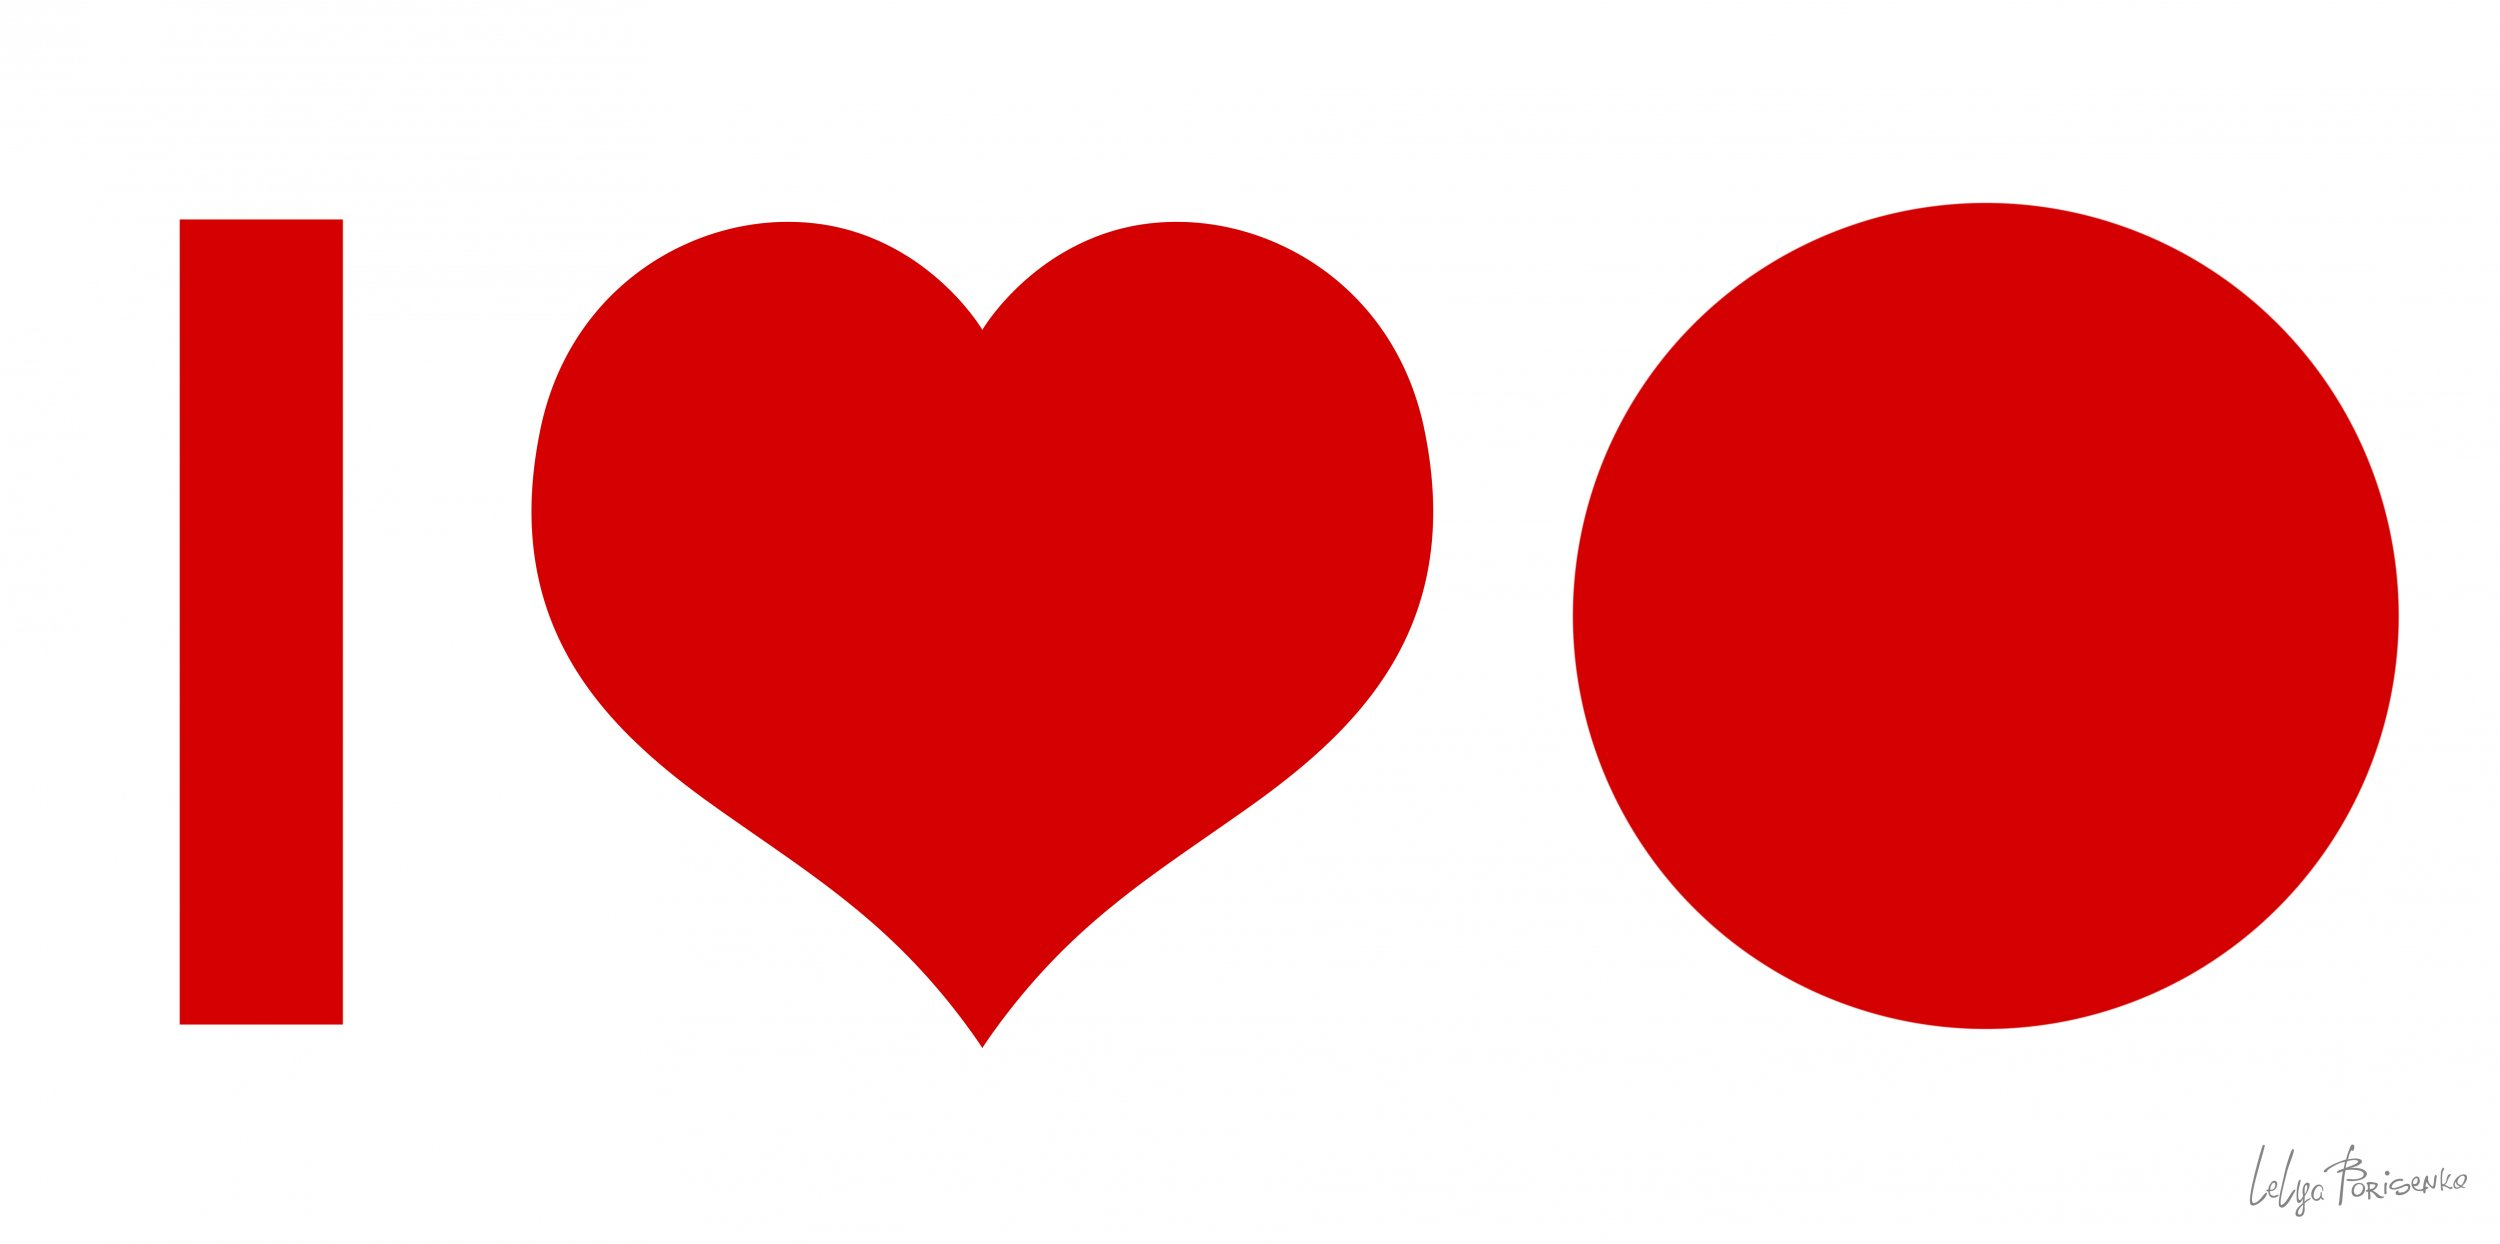 【海外の反応】 パンドラの憂鬱 海外「母国で日本の良さを痛感」 『日本に恋した理由』に外国人共感